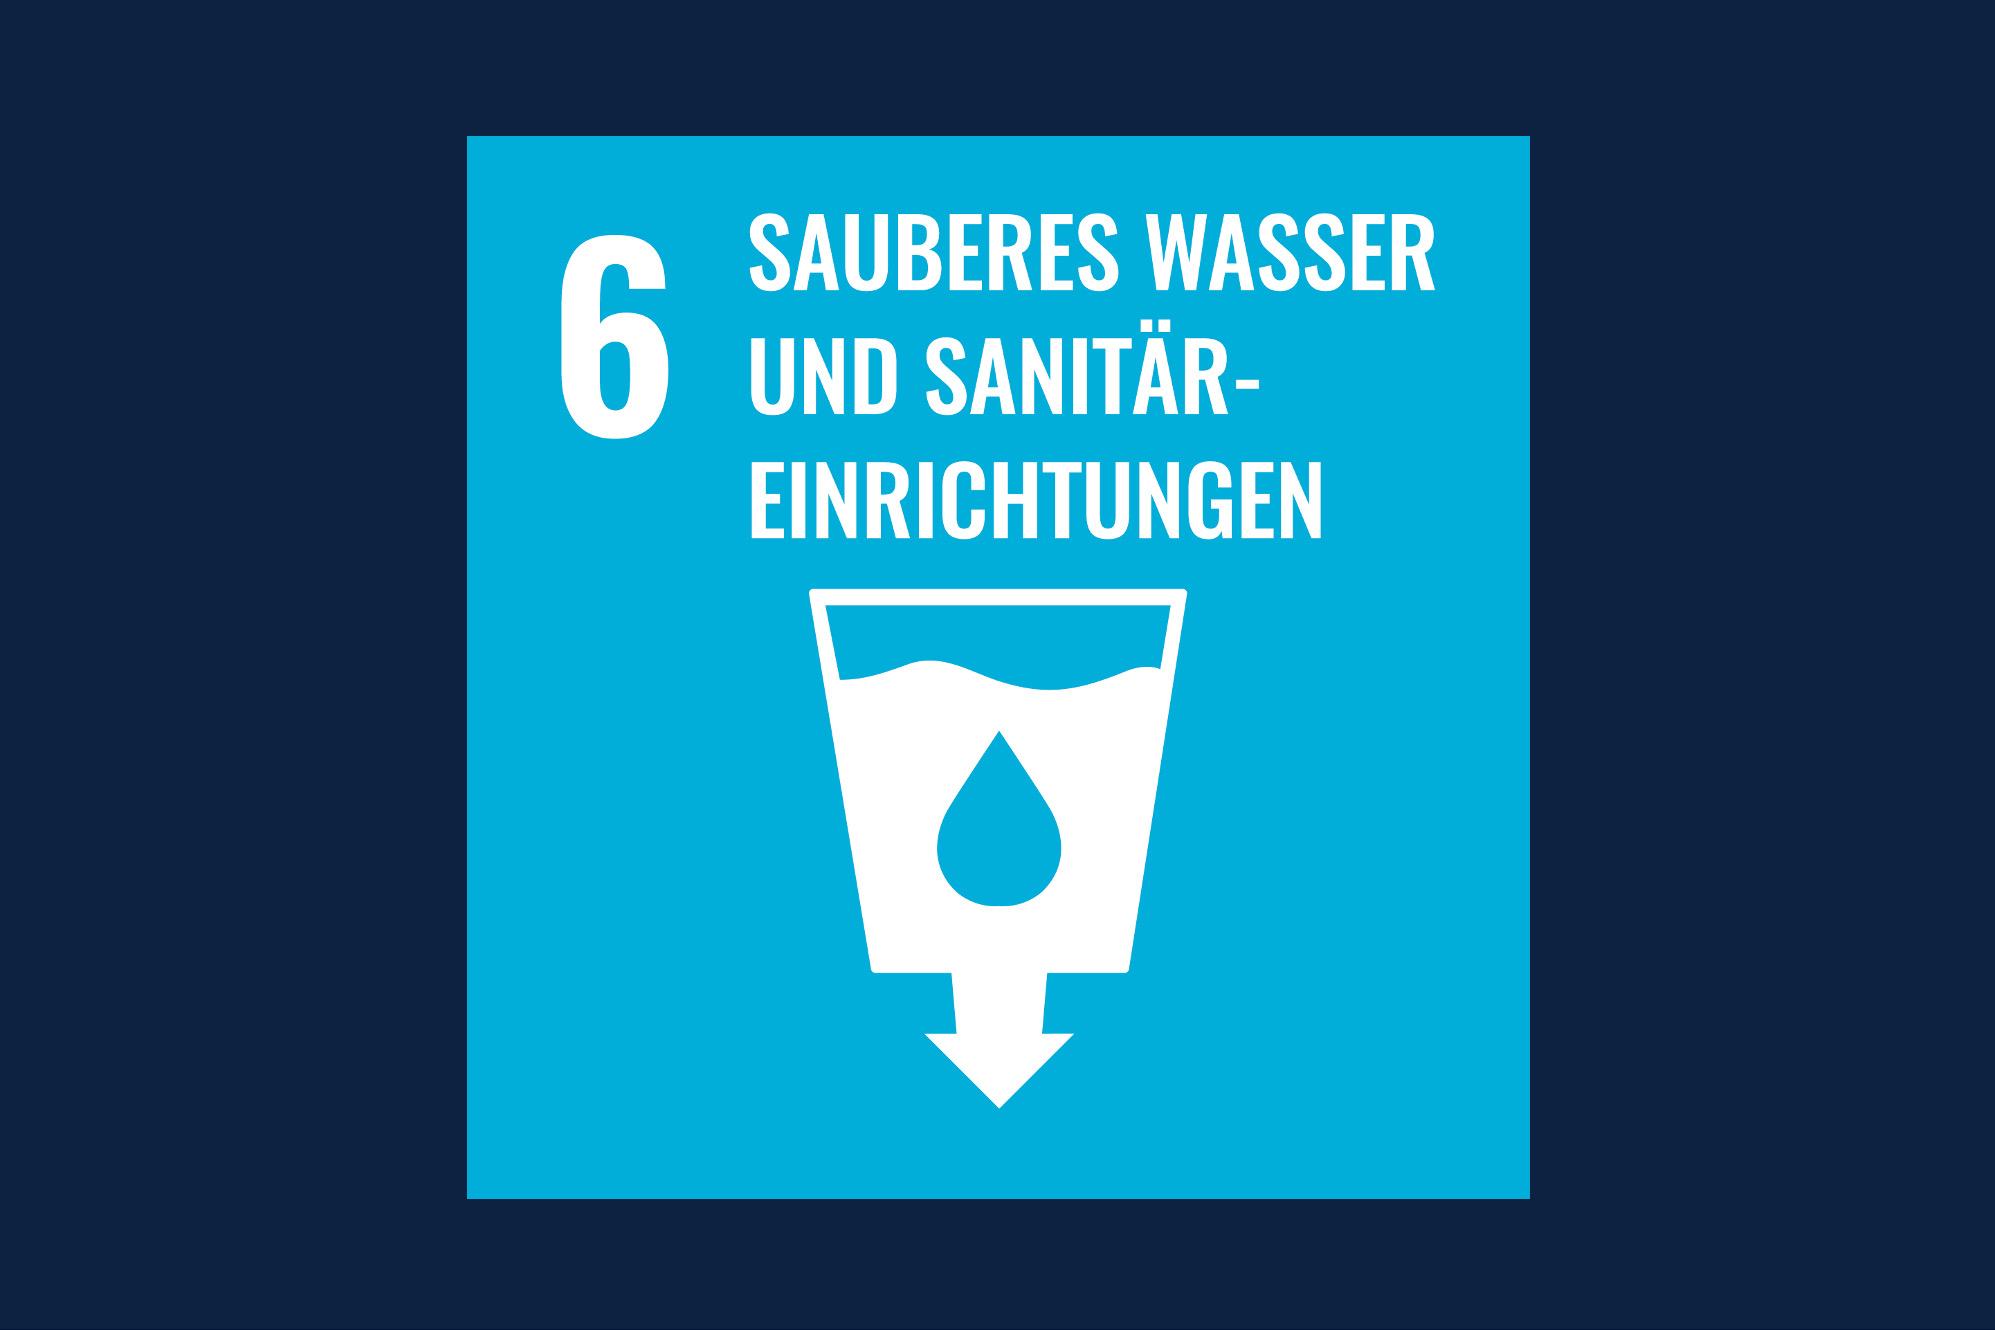 Icon für das Ziel 6 – Sauberes Wasser und Sanitär-Einrichtungen